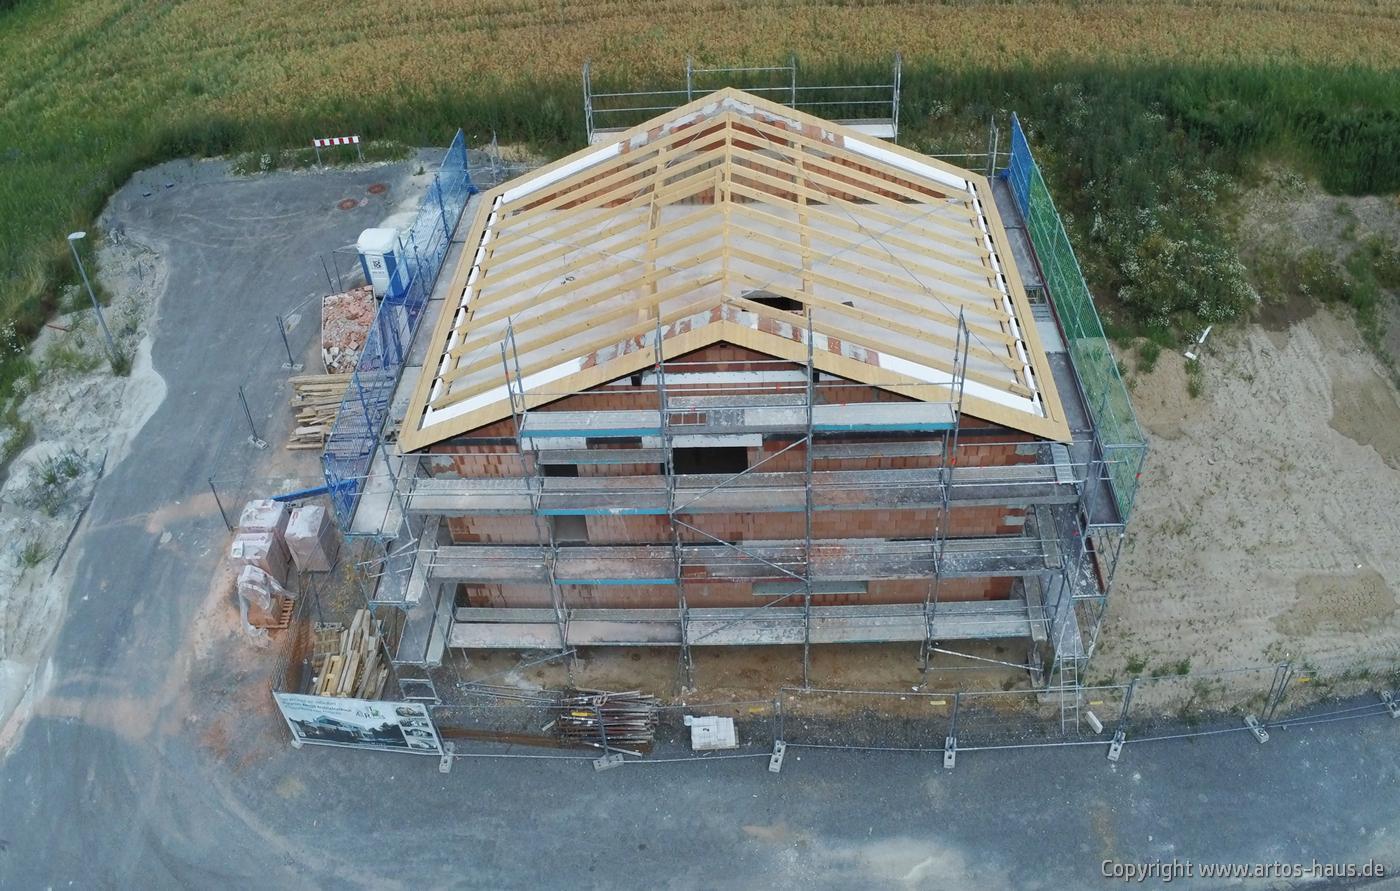 Luftbild der Baustelle Dormagen. ARTOS HAUS Juli 2021 Bild 1